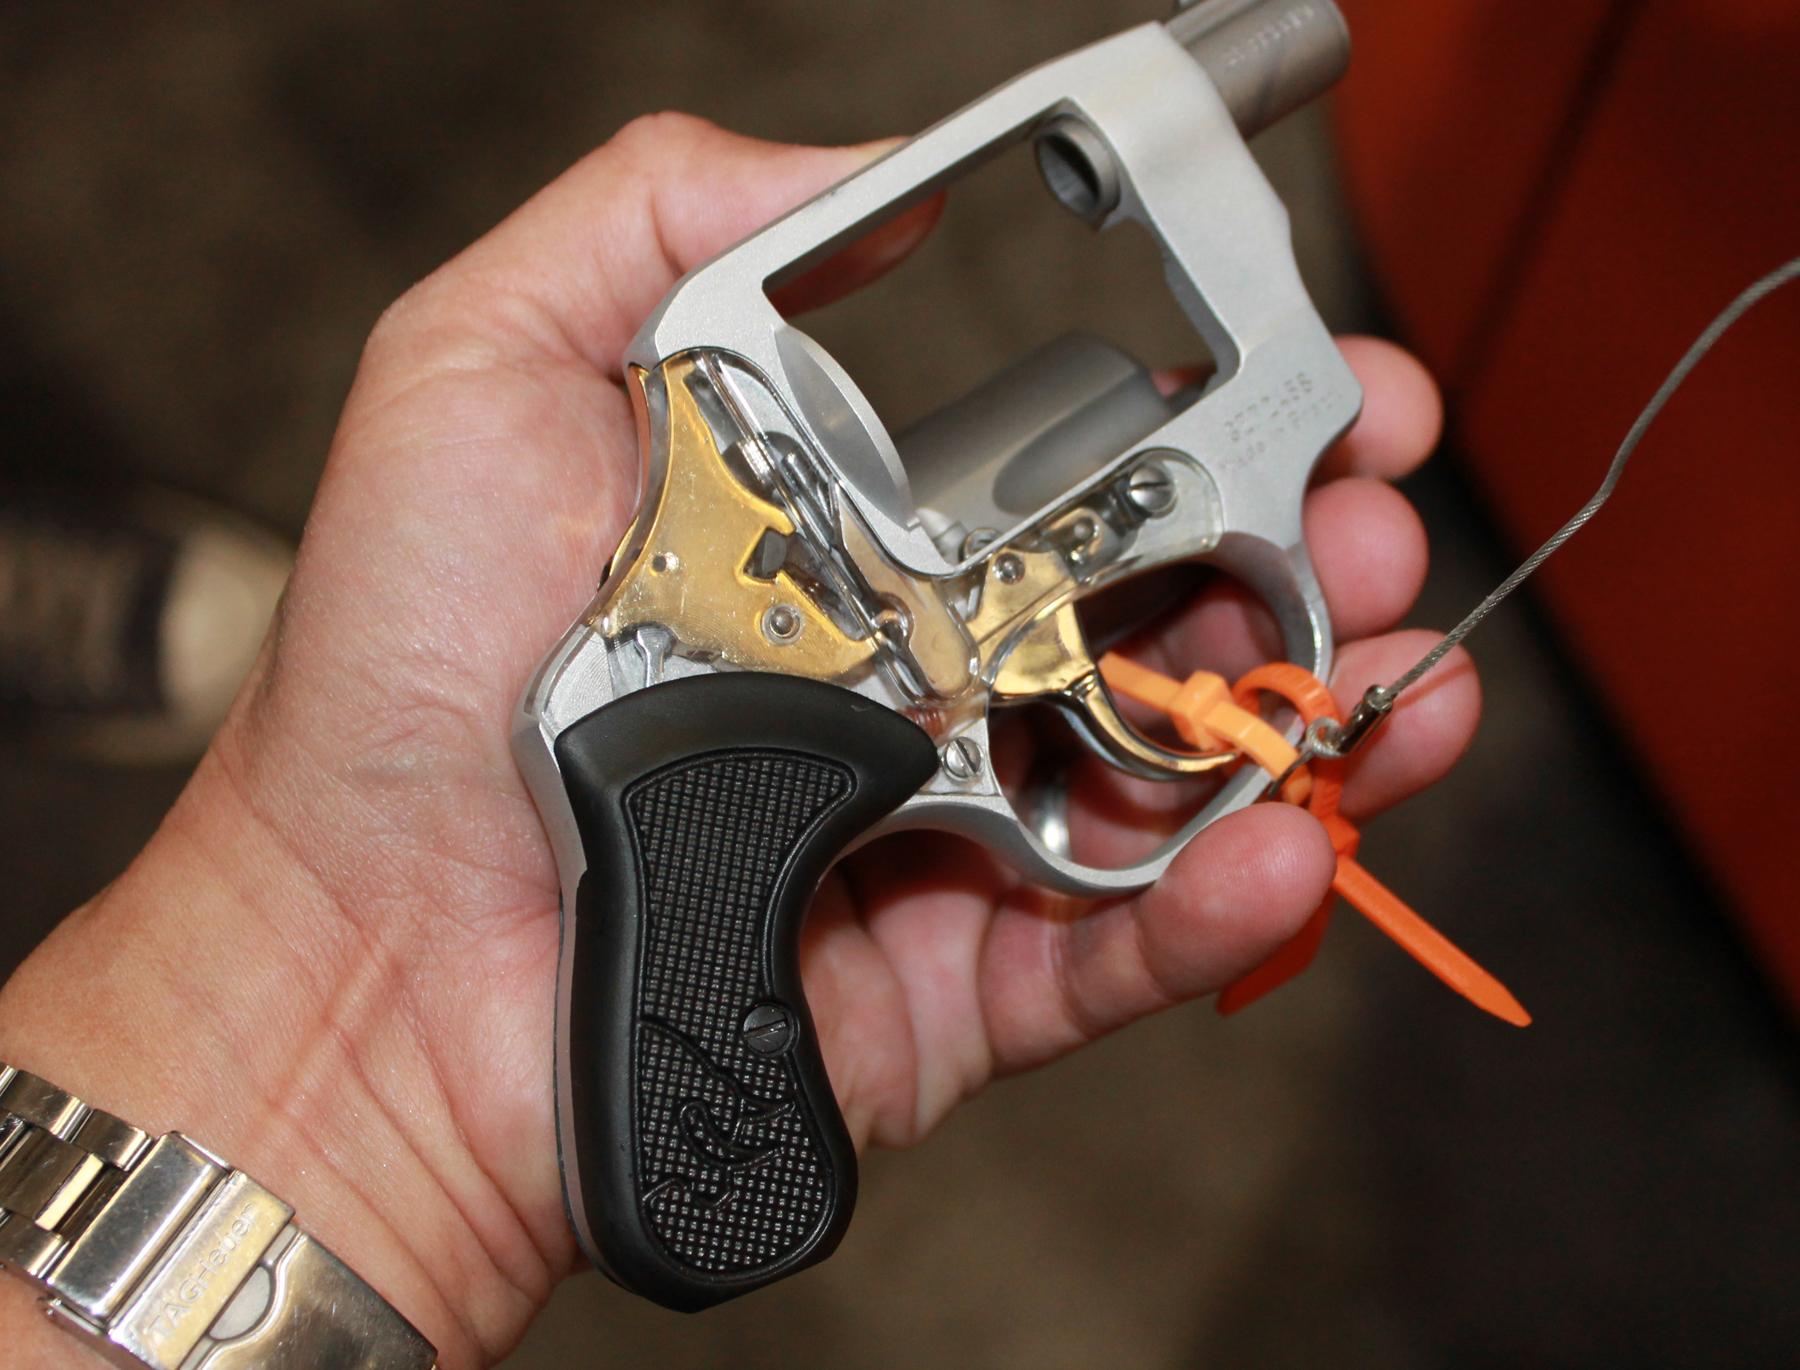 Taurus View lock work